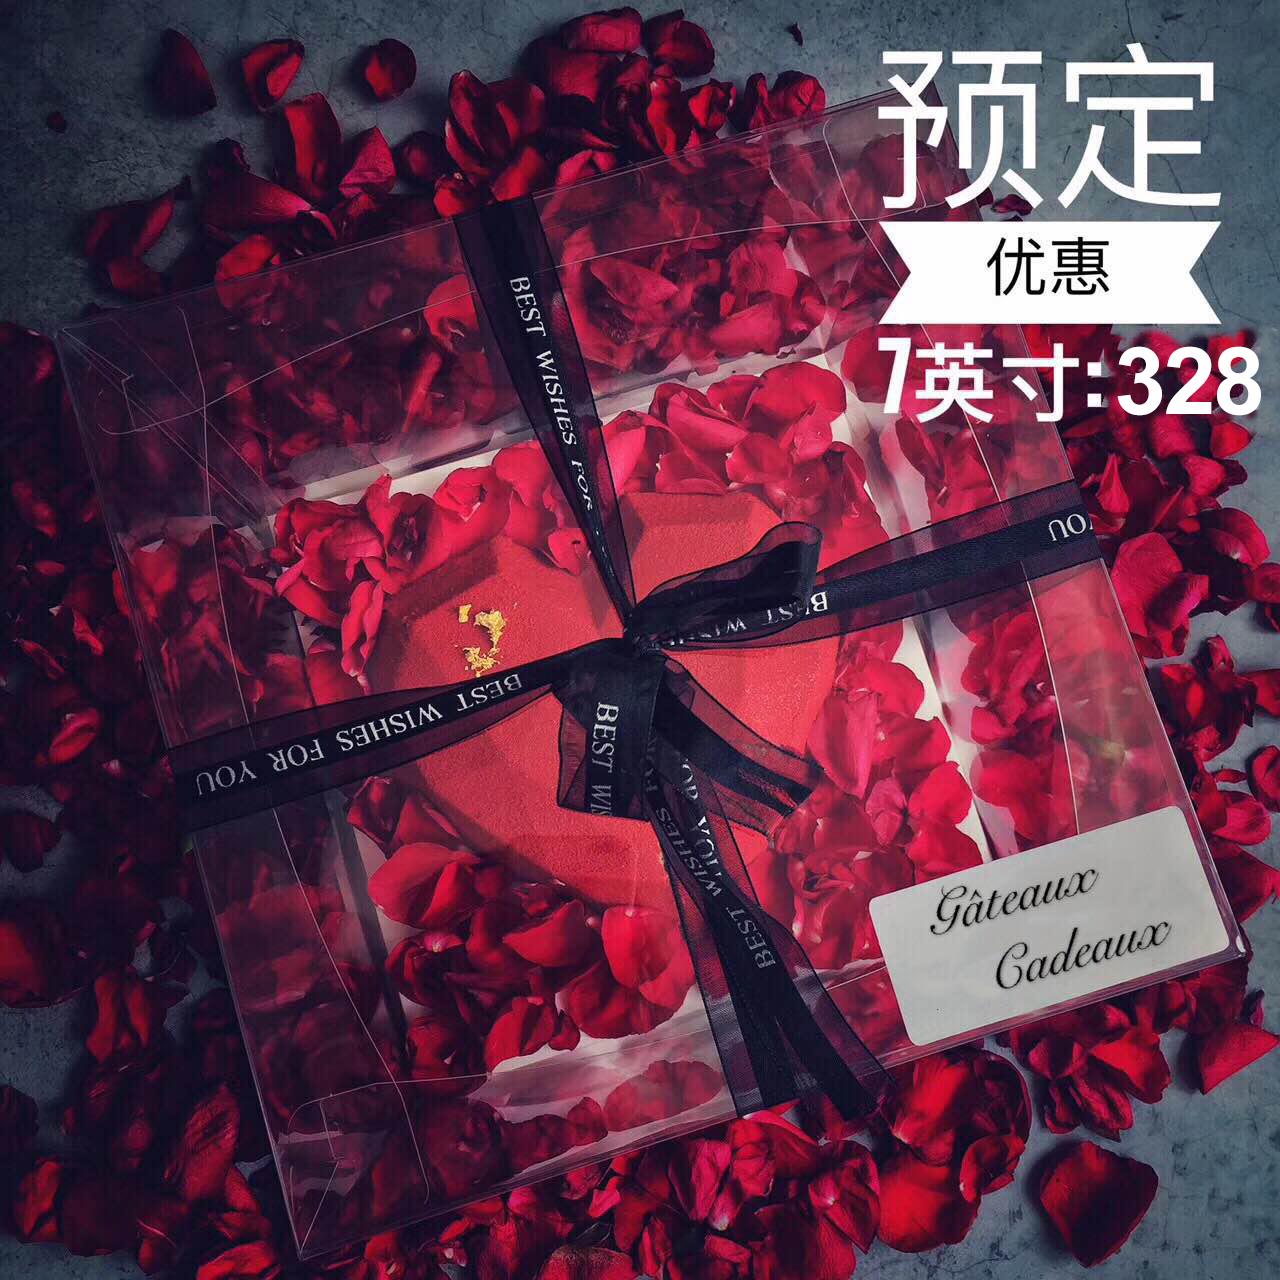 嘎豆喀豆生日蛋糕北京同城速递法式蛋糕定制慕斯蛋糕配送懂·心